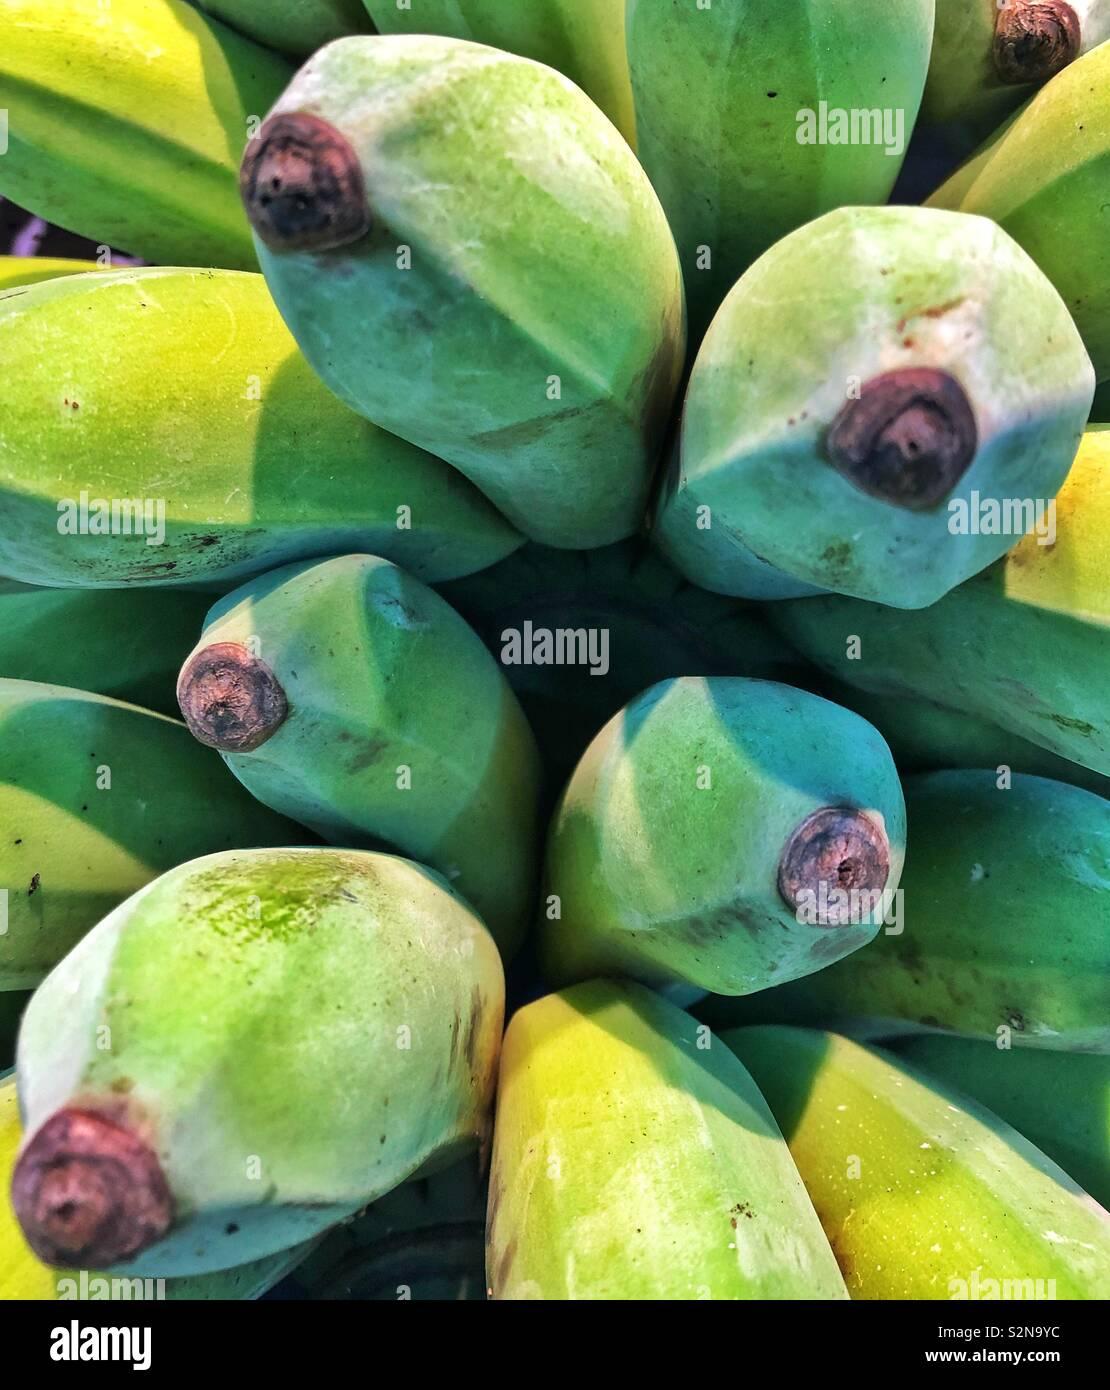 Green bananas close up - Stock Image